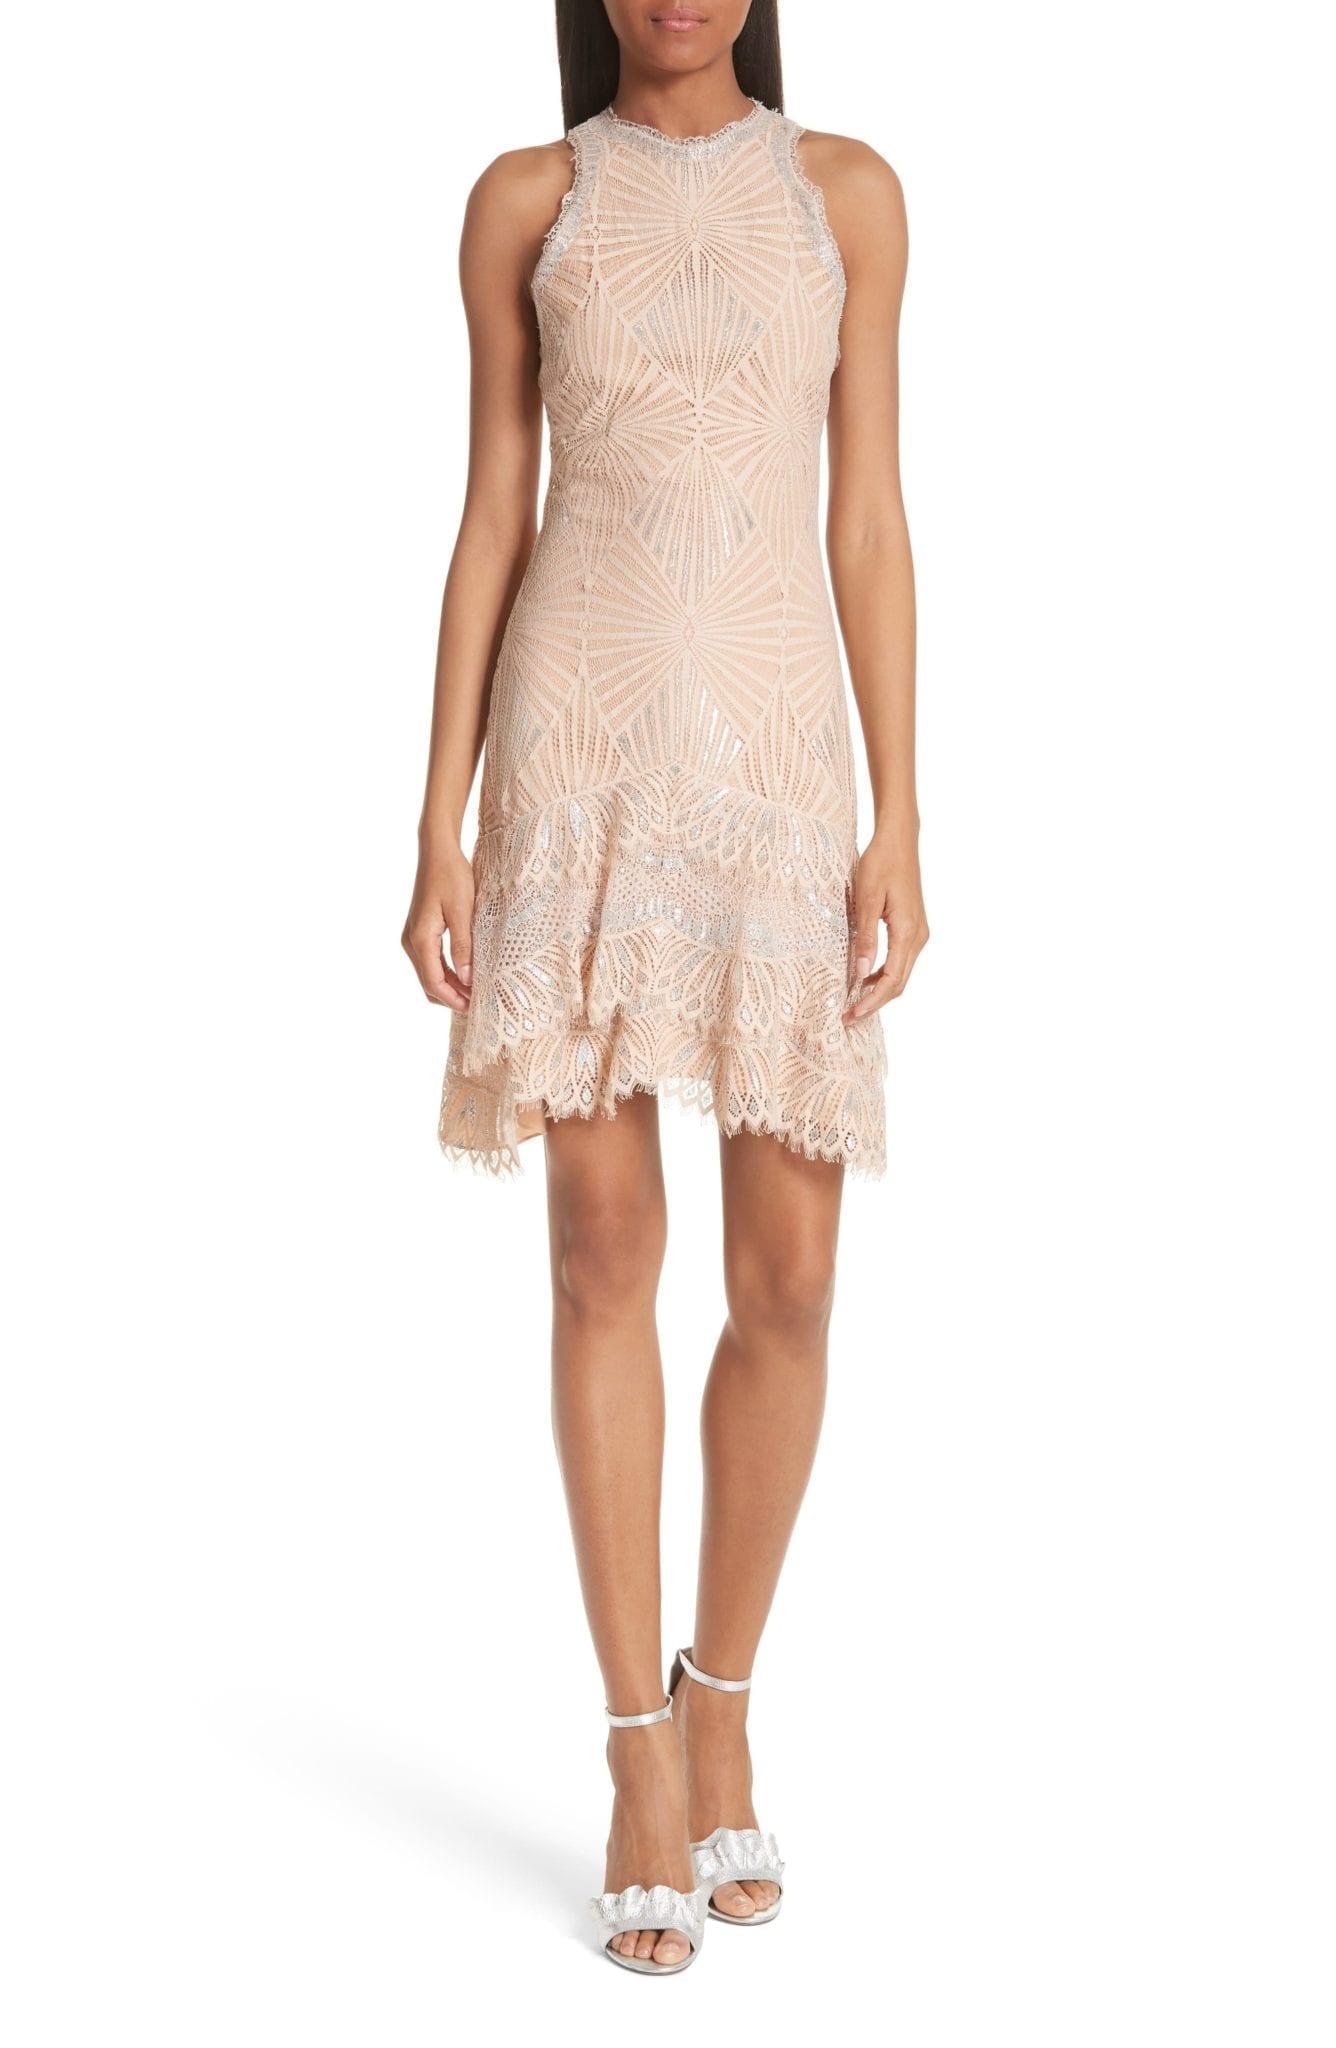 JONATHAN SIMKHAI Ruffle Hem Metallic Lace Nude Dress